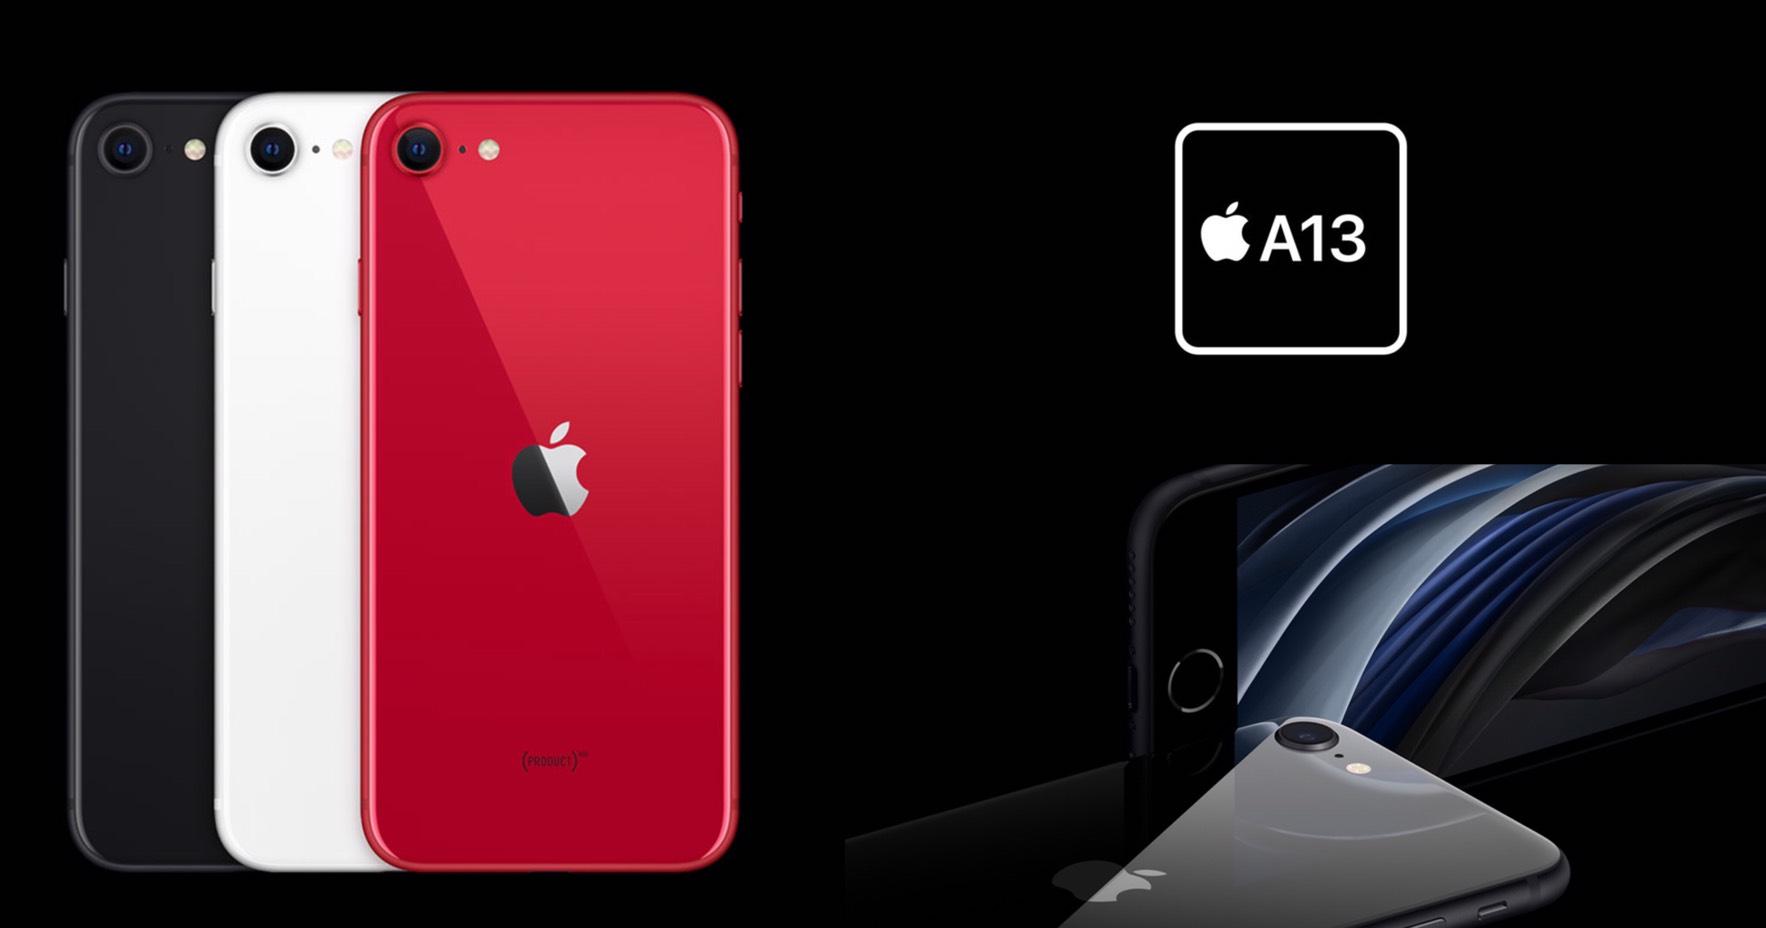 史上最便宜的iPhone上市!iPhone SE第2代「5大亮點」馬上推坑,4樣隱藏新品也絕不能錯過!